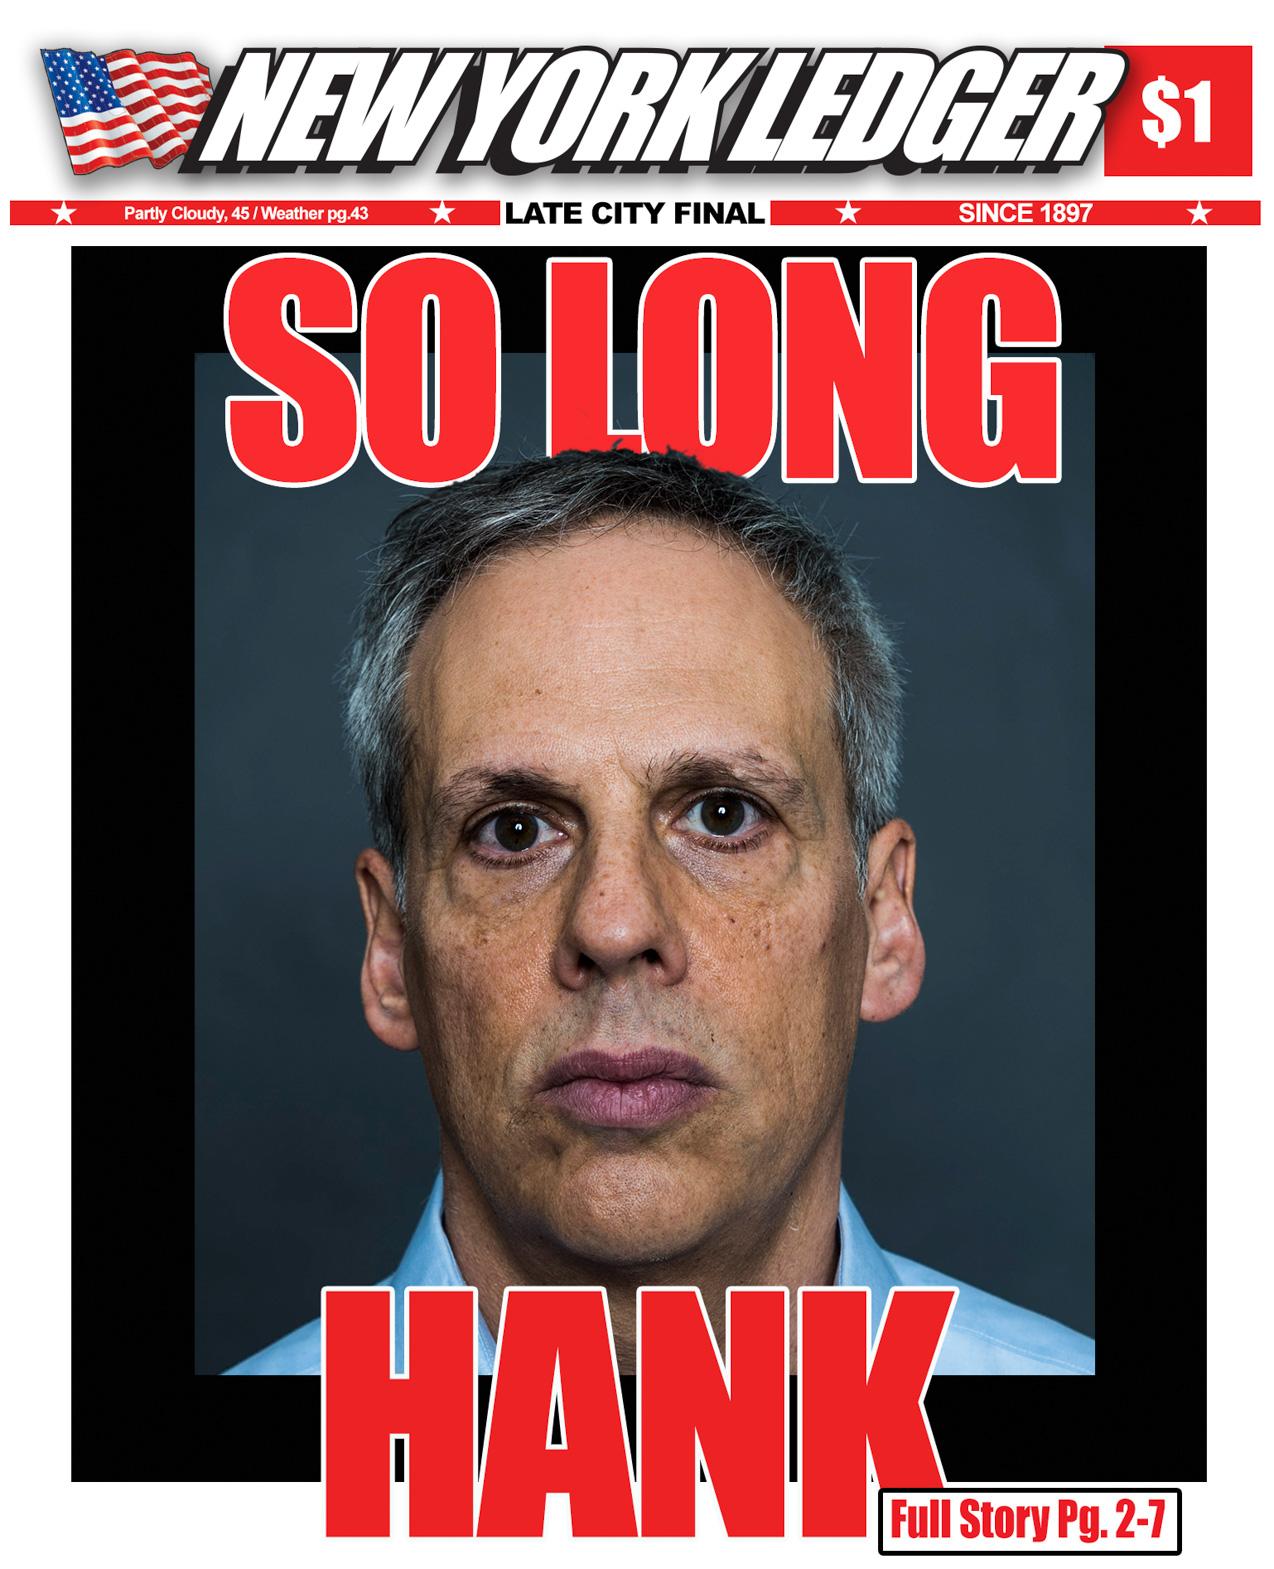 LEDGER_So Long Hank.jpg